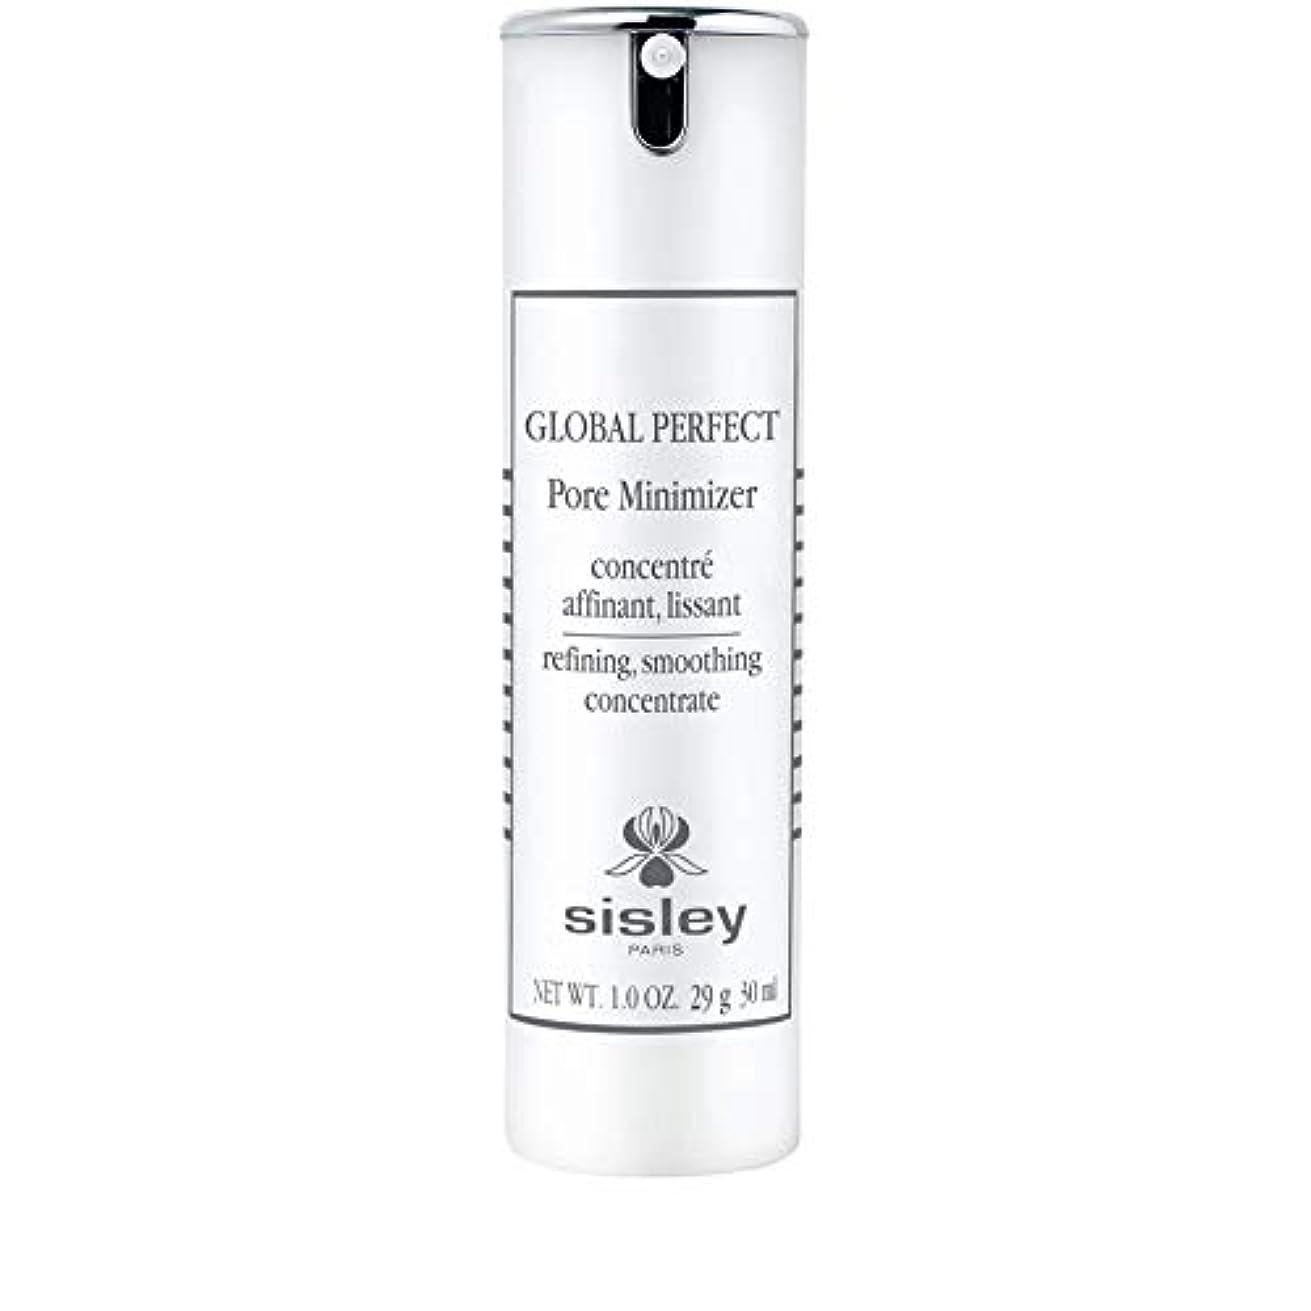 [Sisley] シスレーグローバル完璧な細孔Minimiser 30ミリリットル - Sisley Global Perfect Pore Minimiser 30ml [並行輸入品]